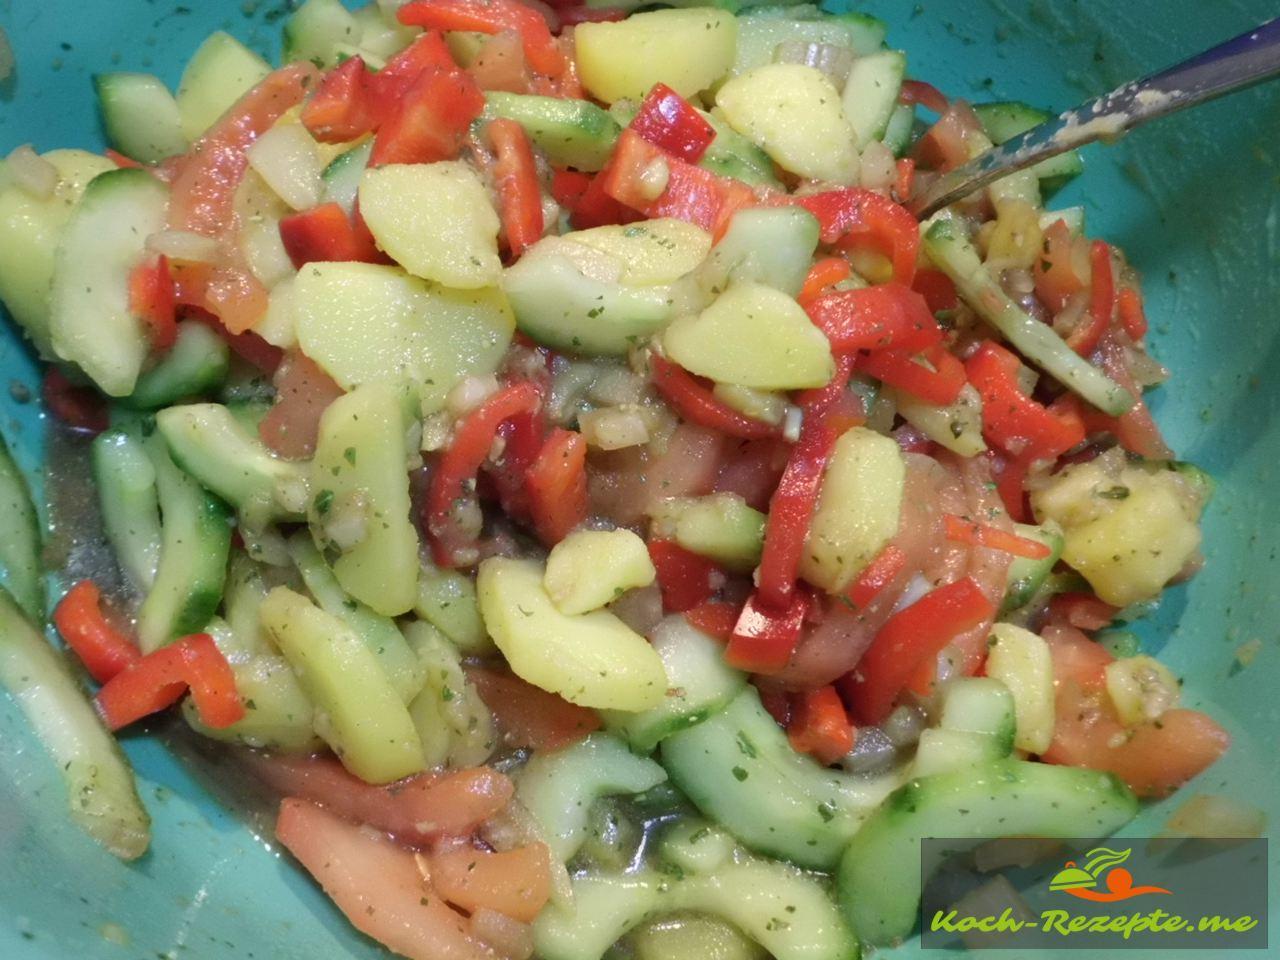 Mit der Salatsoße gut vermischen und 10 Minuten einziehen lassen